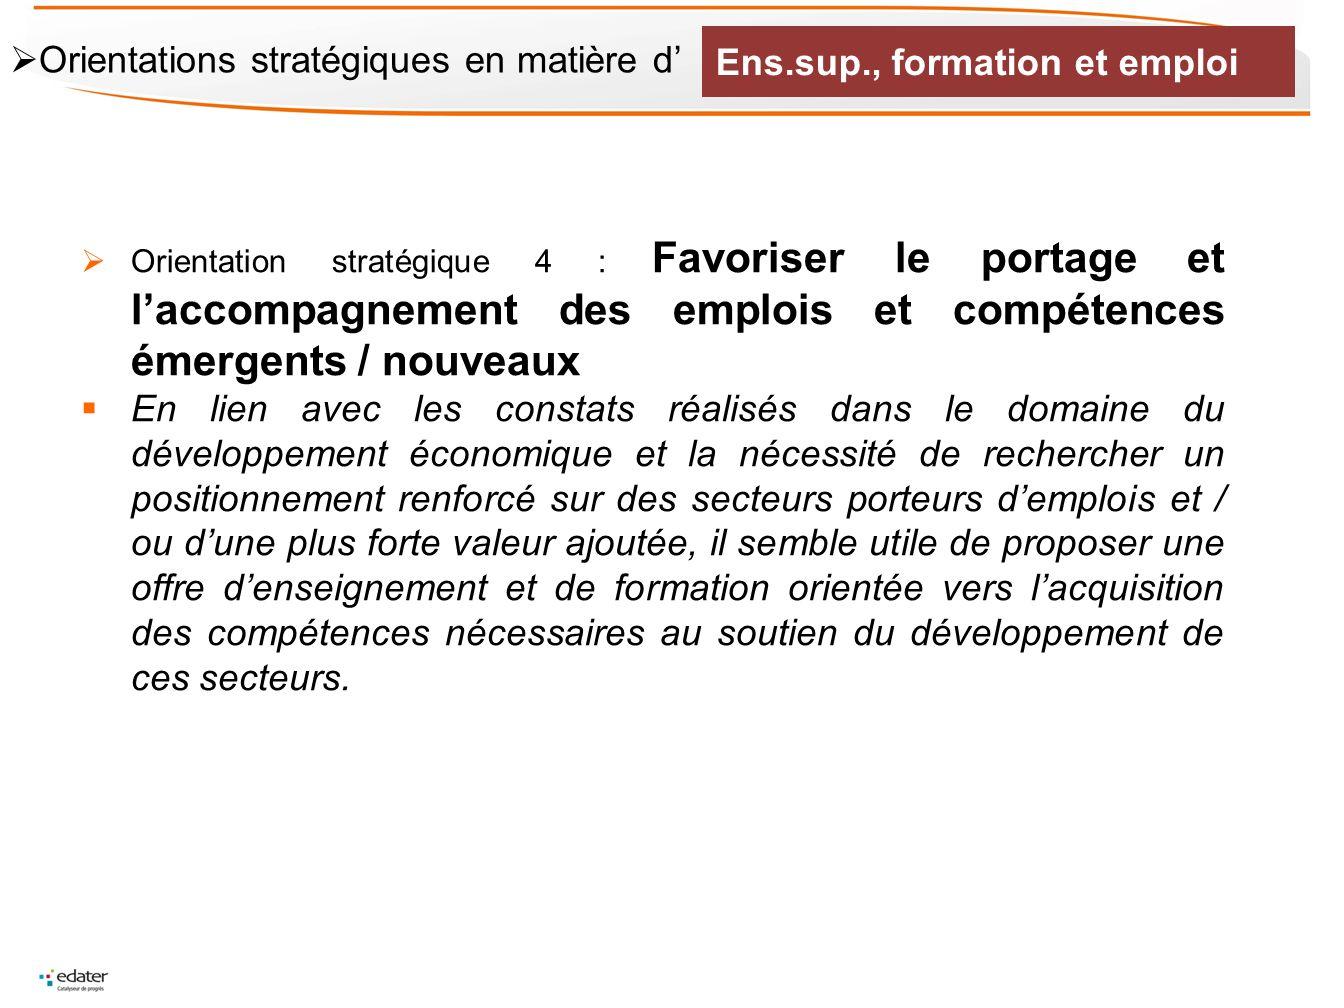 Ens.sup., formation et emploi Orientations stratégiques en matière d'